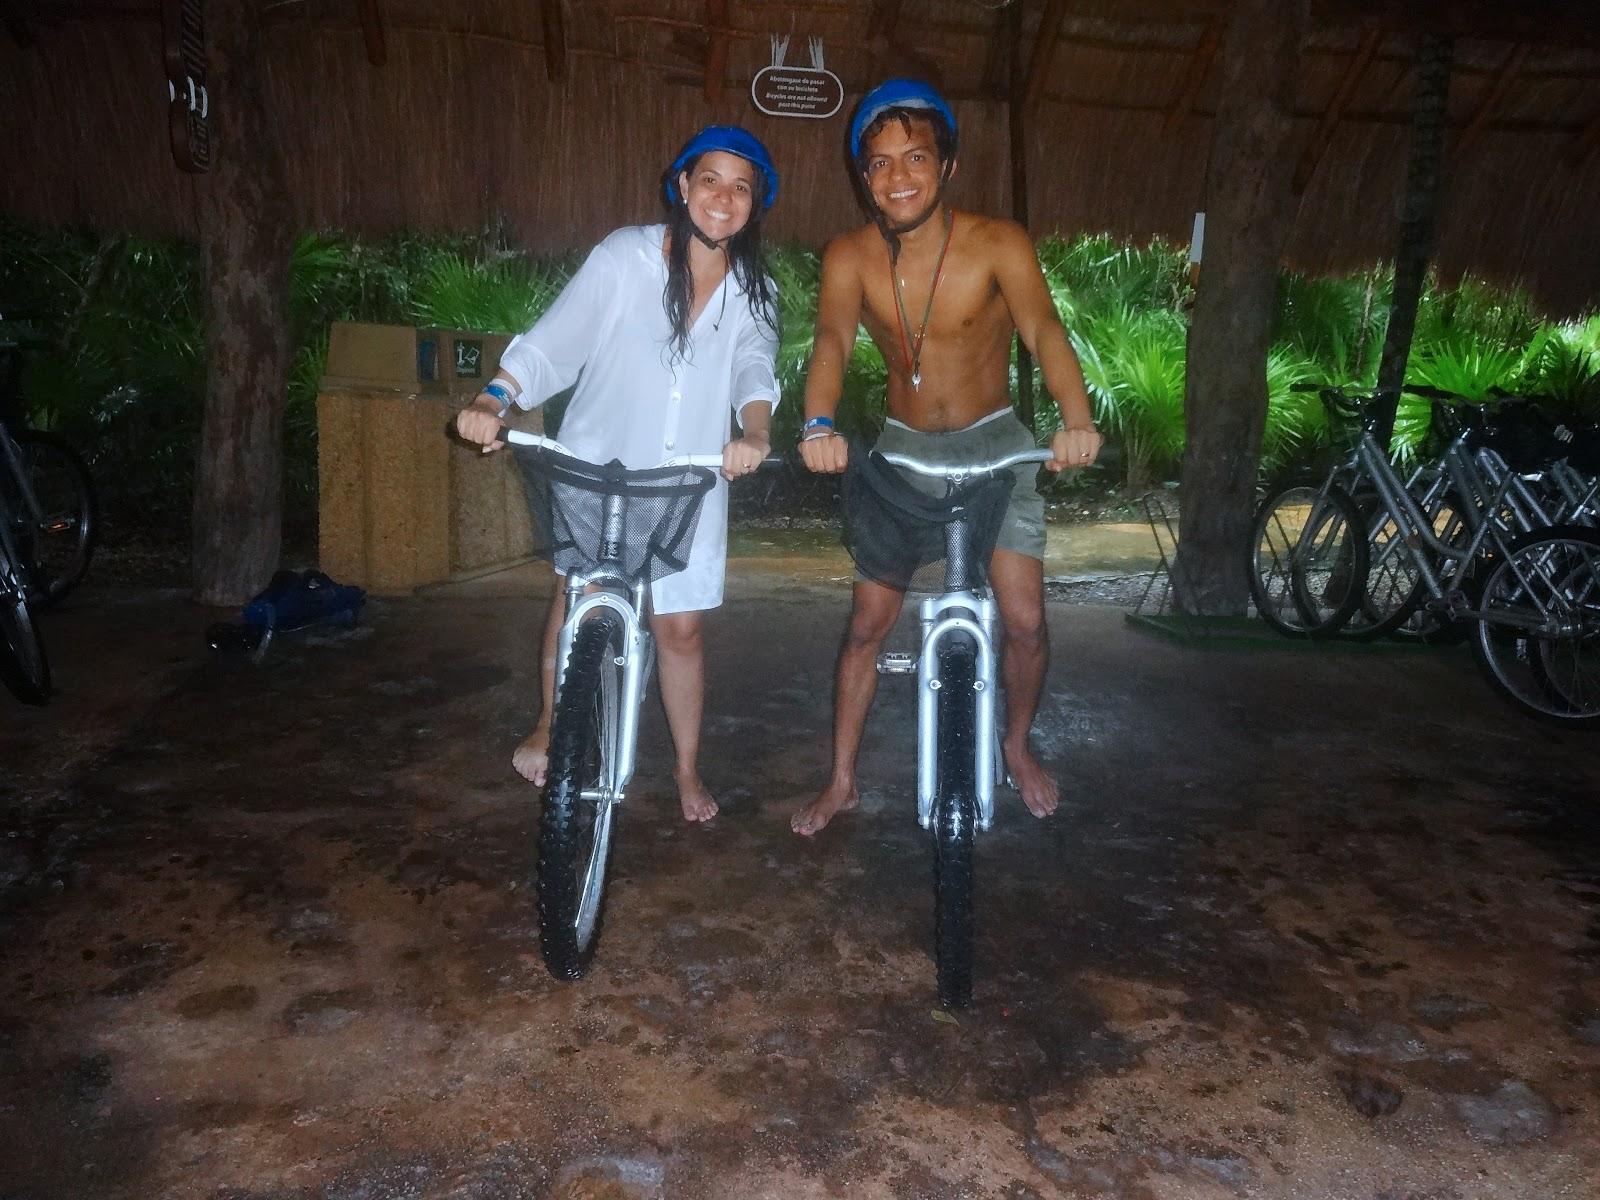 passeio de bicicleta - parque xel-ha - cancún - riviera maya